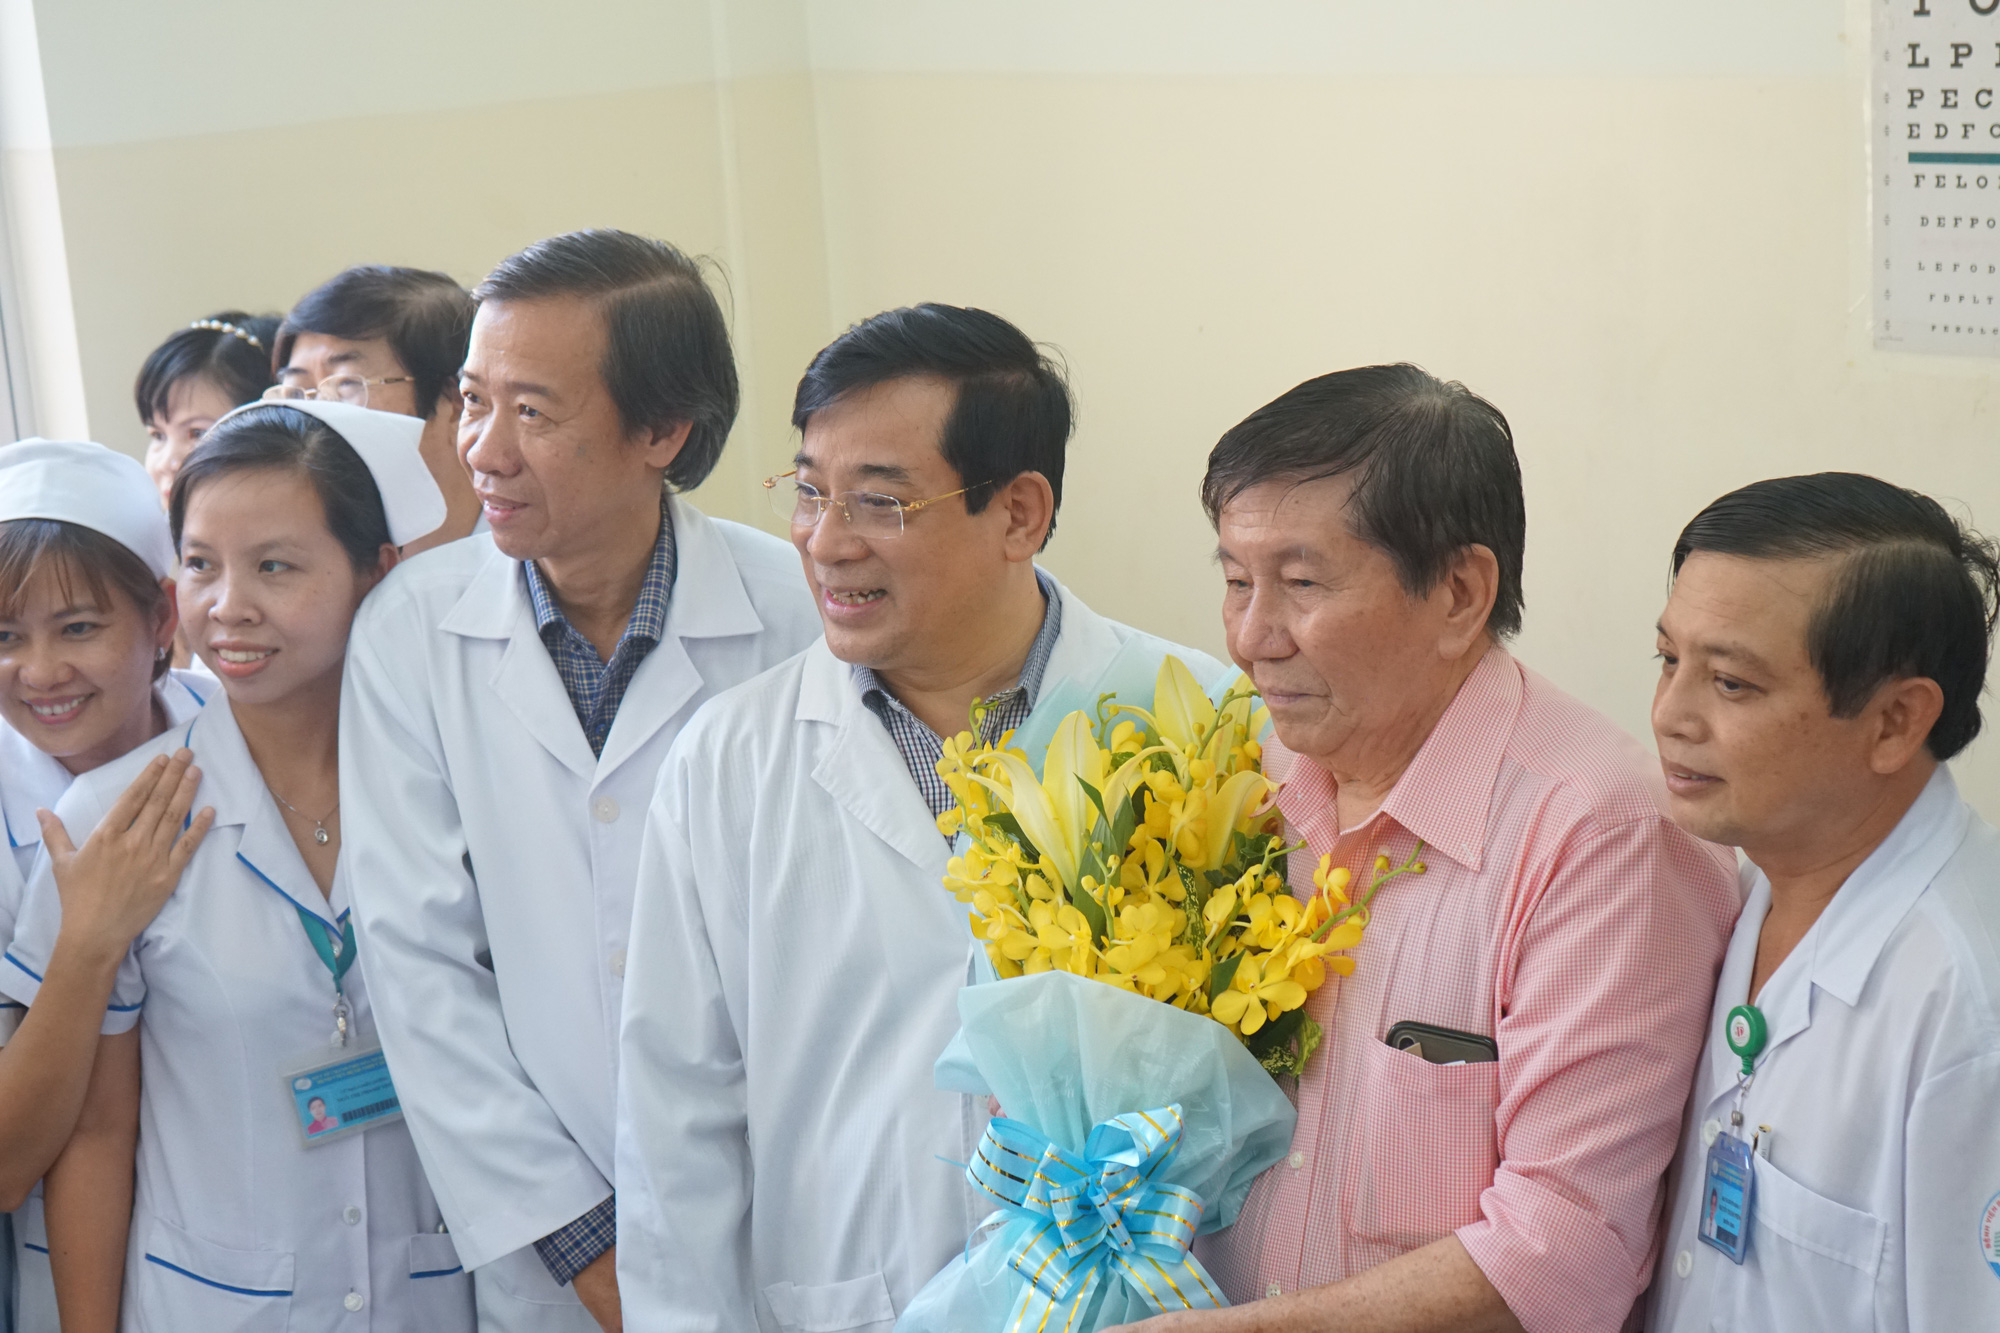 Bệnh nhân thứ 3 nhiễm corona ở Sài Gòn được chữa khỏi: Tôi từ chỗ chết trở về - Ảnh 4.